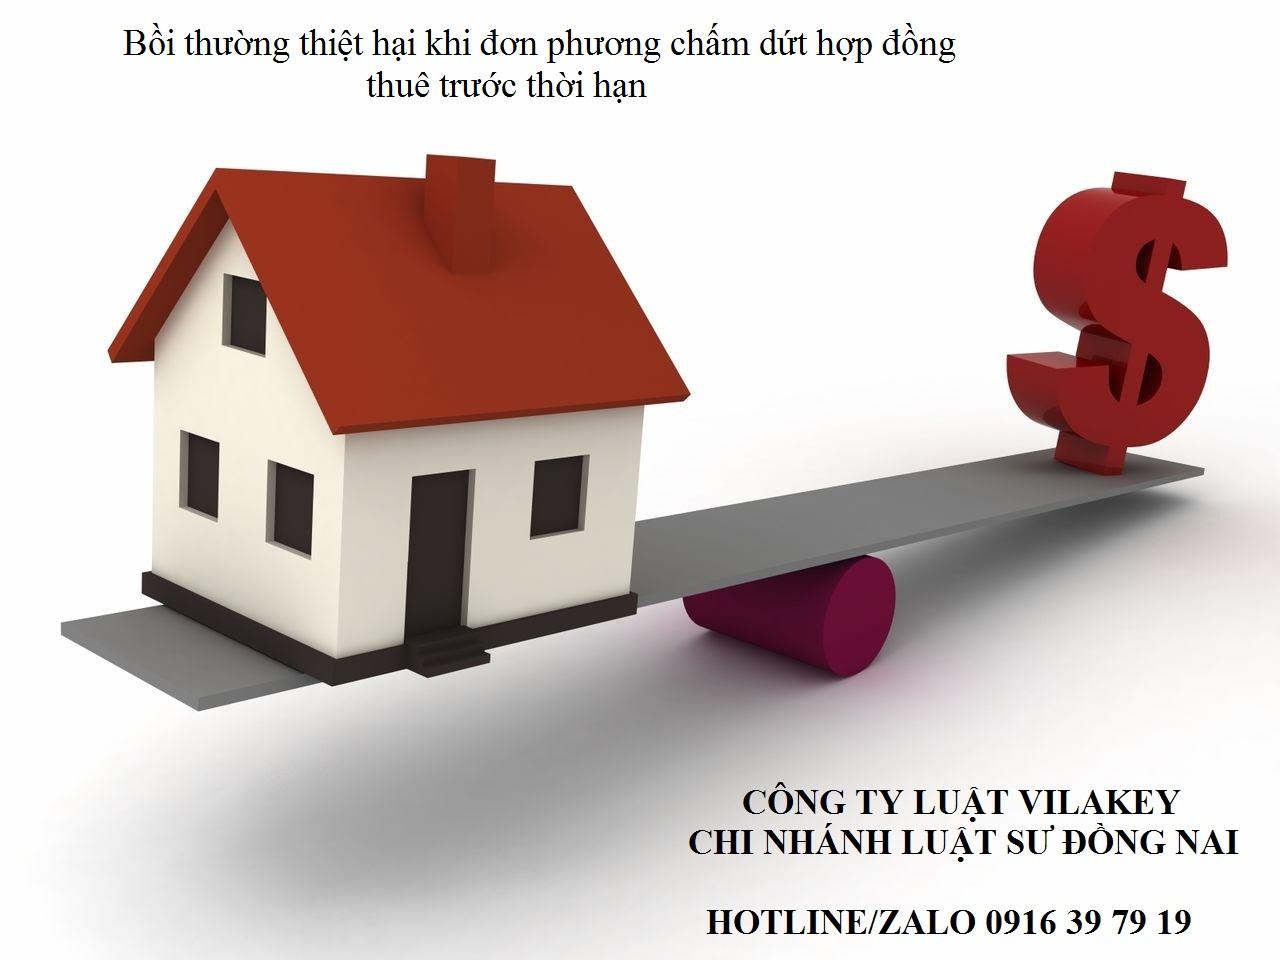 thoi diem can cu tinh gia dat 2 - Lấy nhà trước thời hạn có phải bồi thường không?